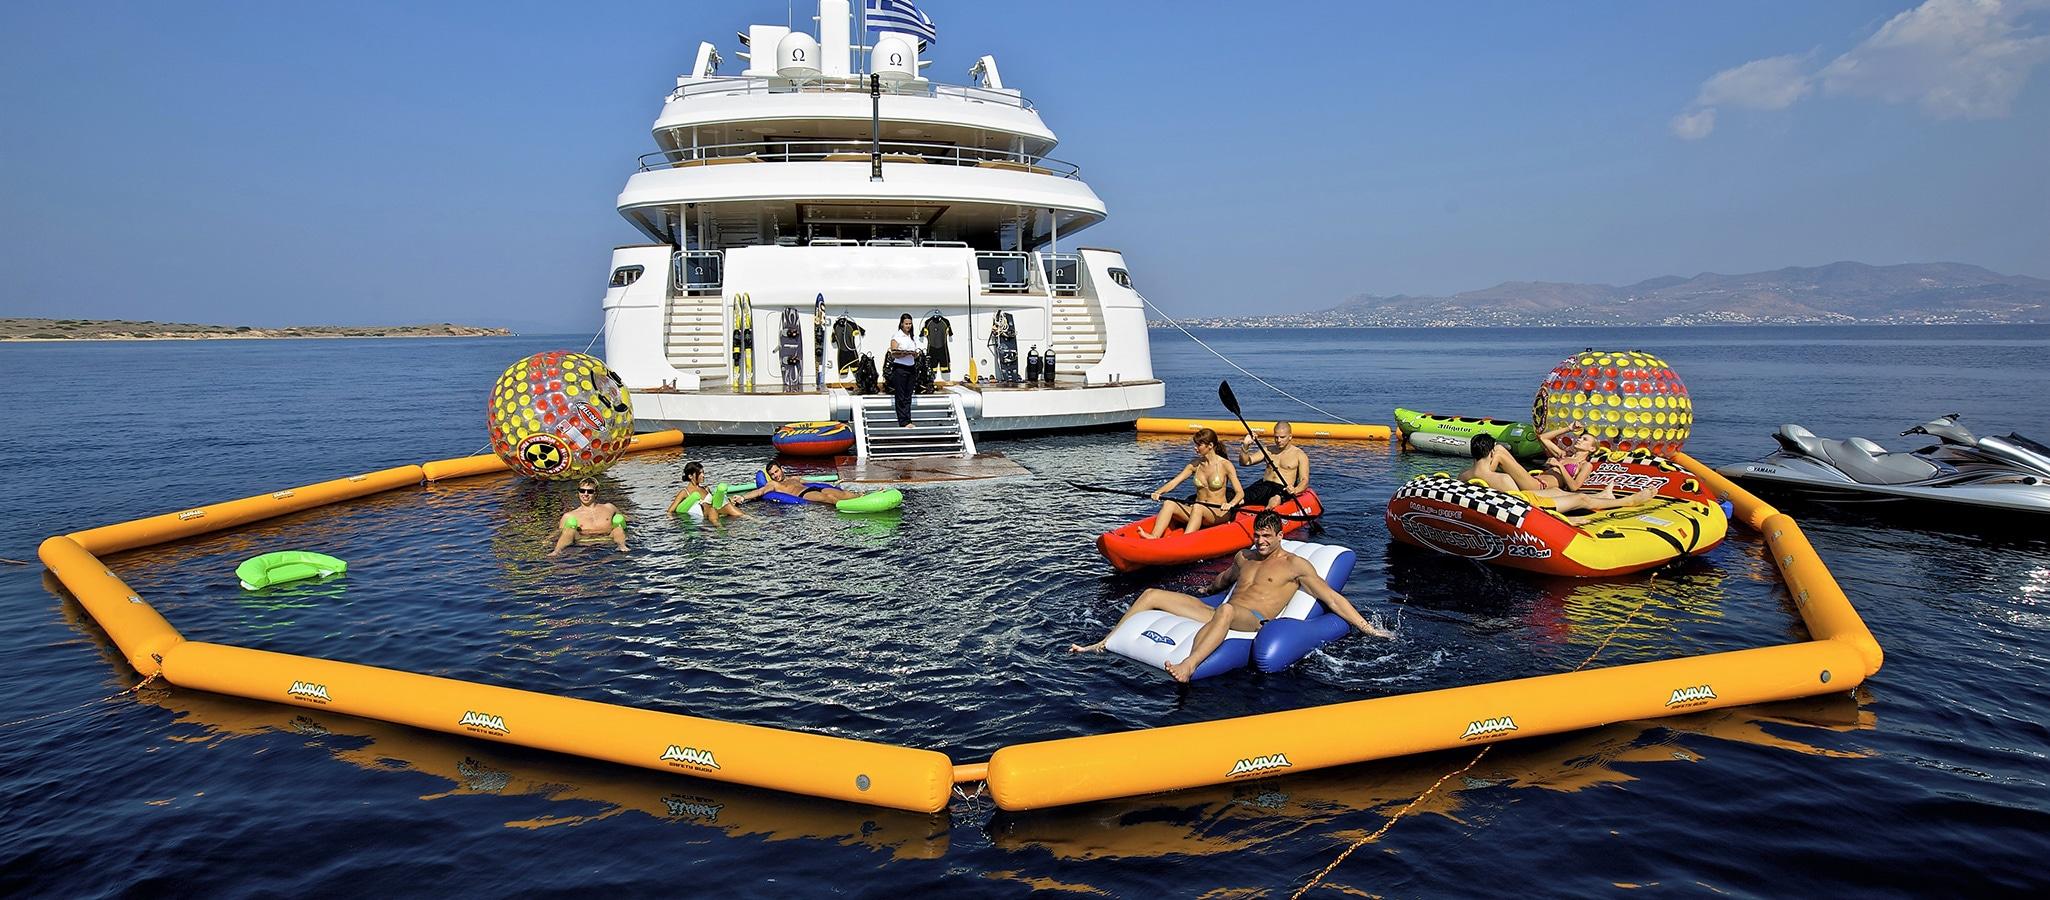 Die All-in-One-Locations bieten jede Menge Wassersport-Spaß: JetSkis, Wasserski, Kajaks, Tauch- und Schnorchel-Equipment,...